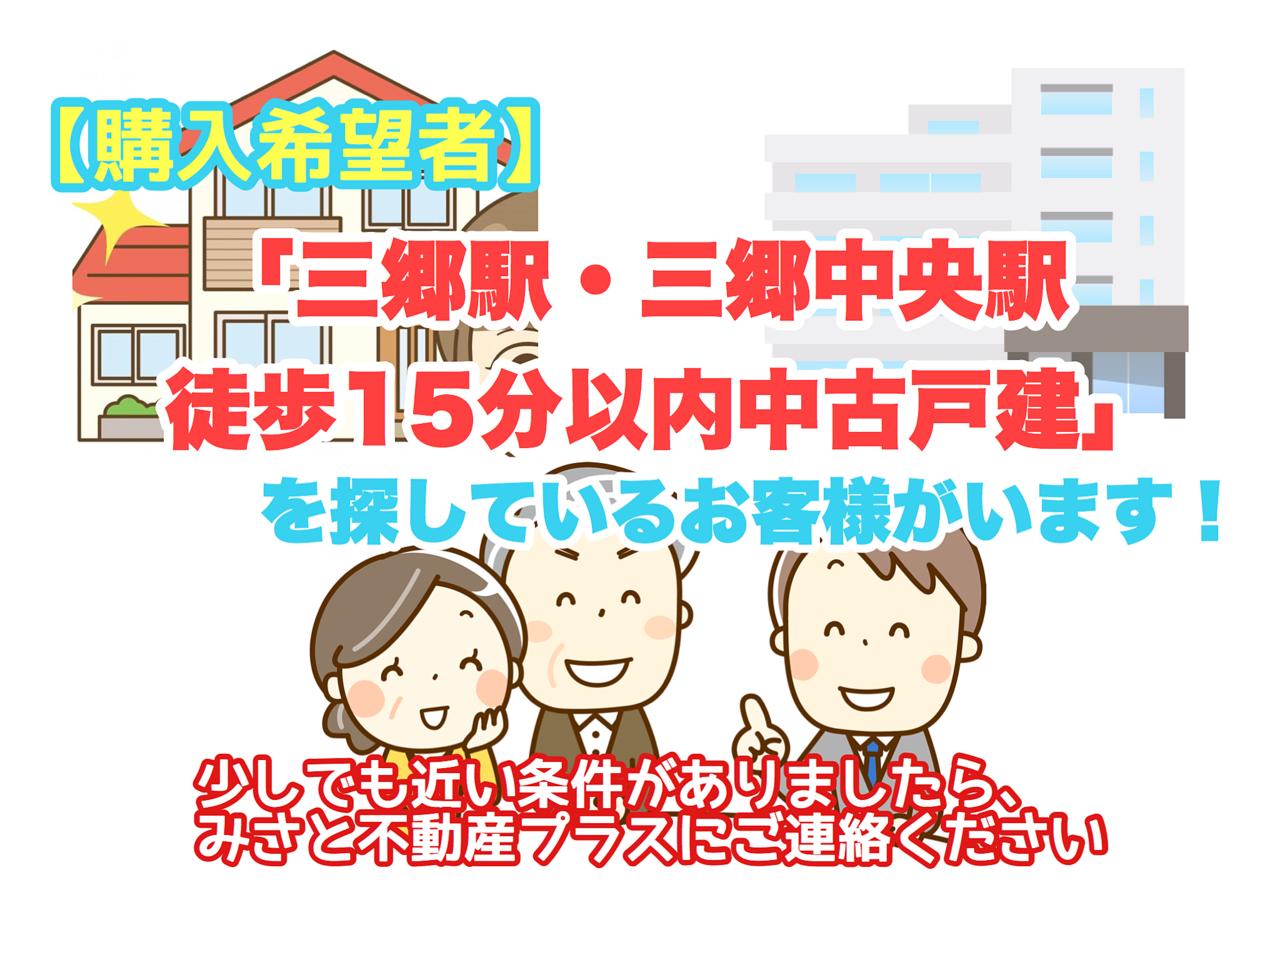 【購入希望者リスト】三郷駅・三郷中央駅徒歩15分以内の中古戸建を探しているお客様がいます!